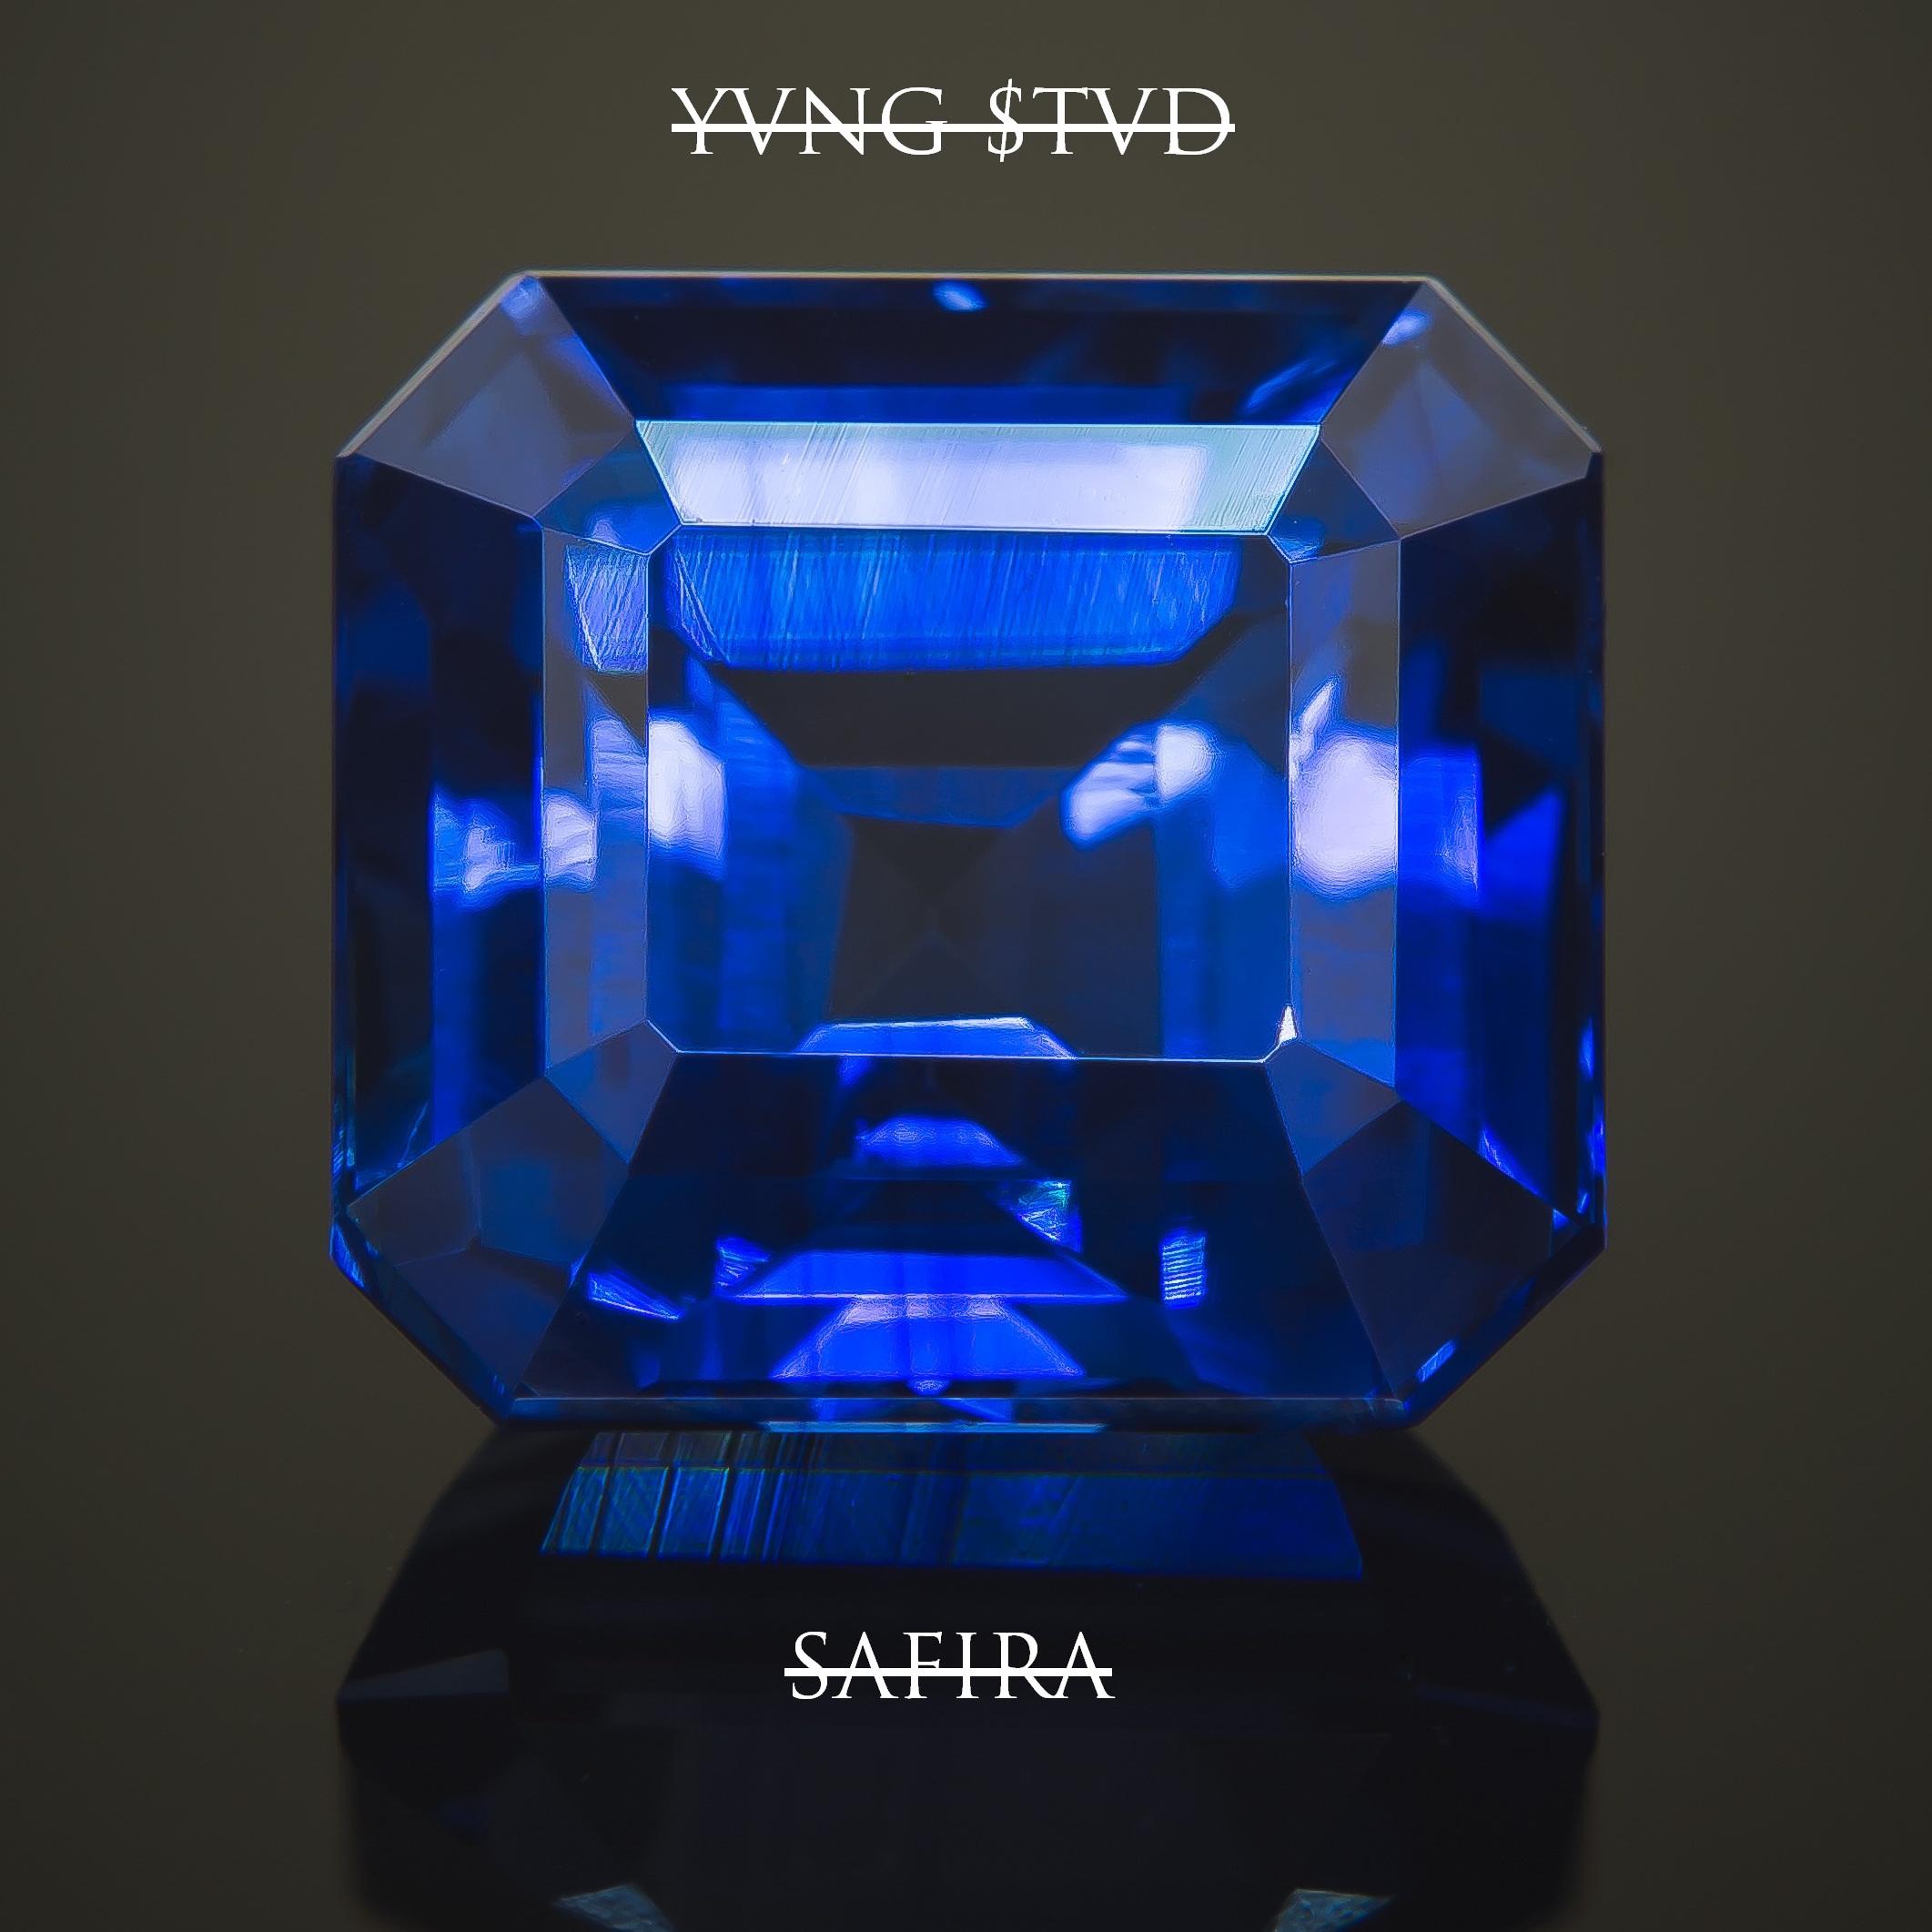 Yvng $tvd - Safira pt.1